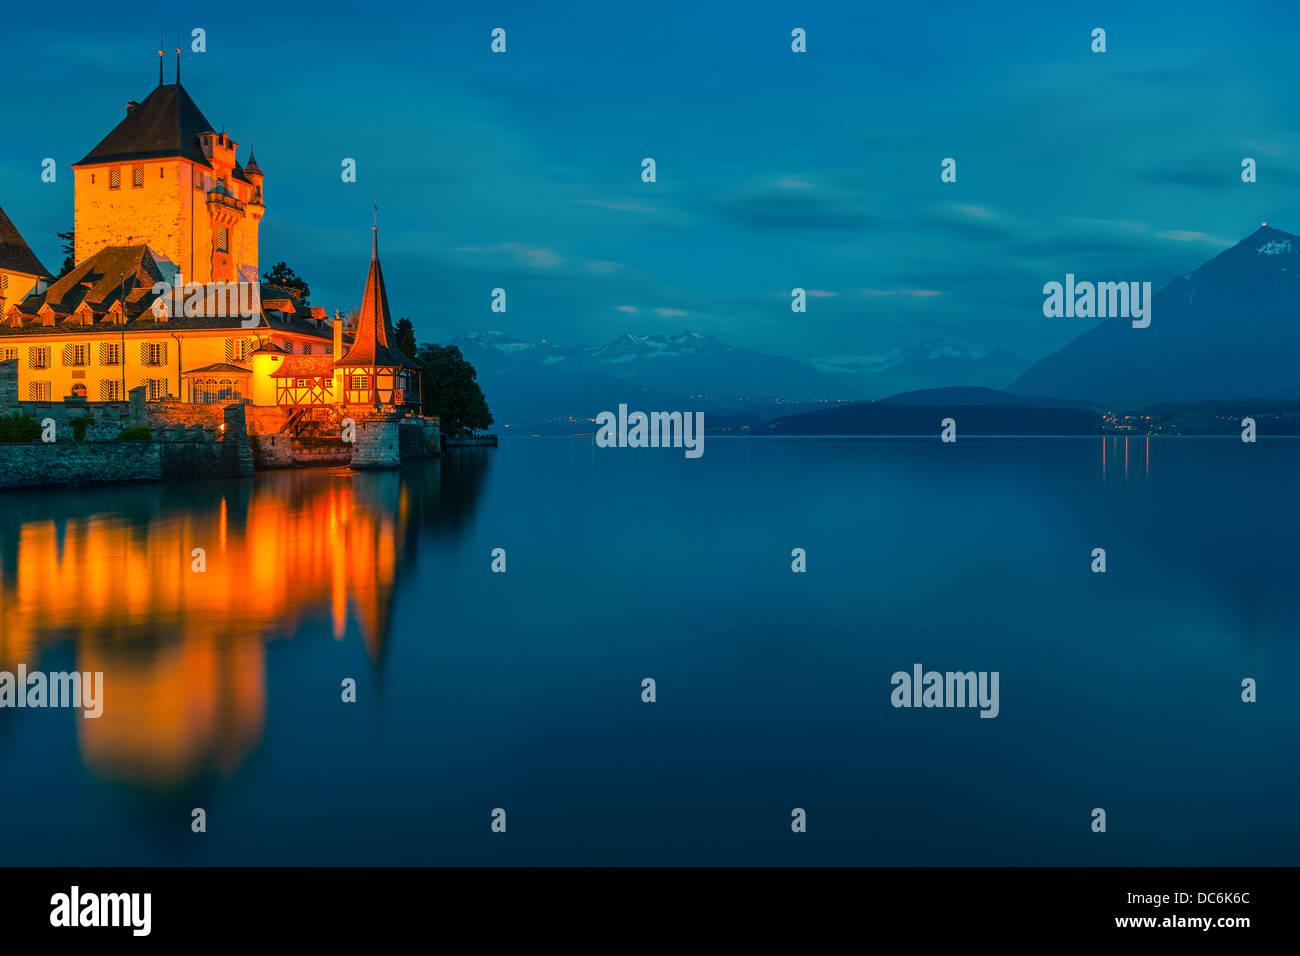 El castillo de Oberhofen mirando hacia el lago de Thun, Suiza. Imagen De Stock